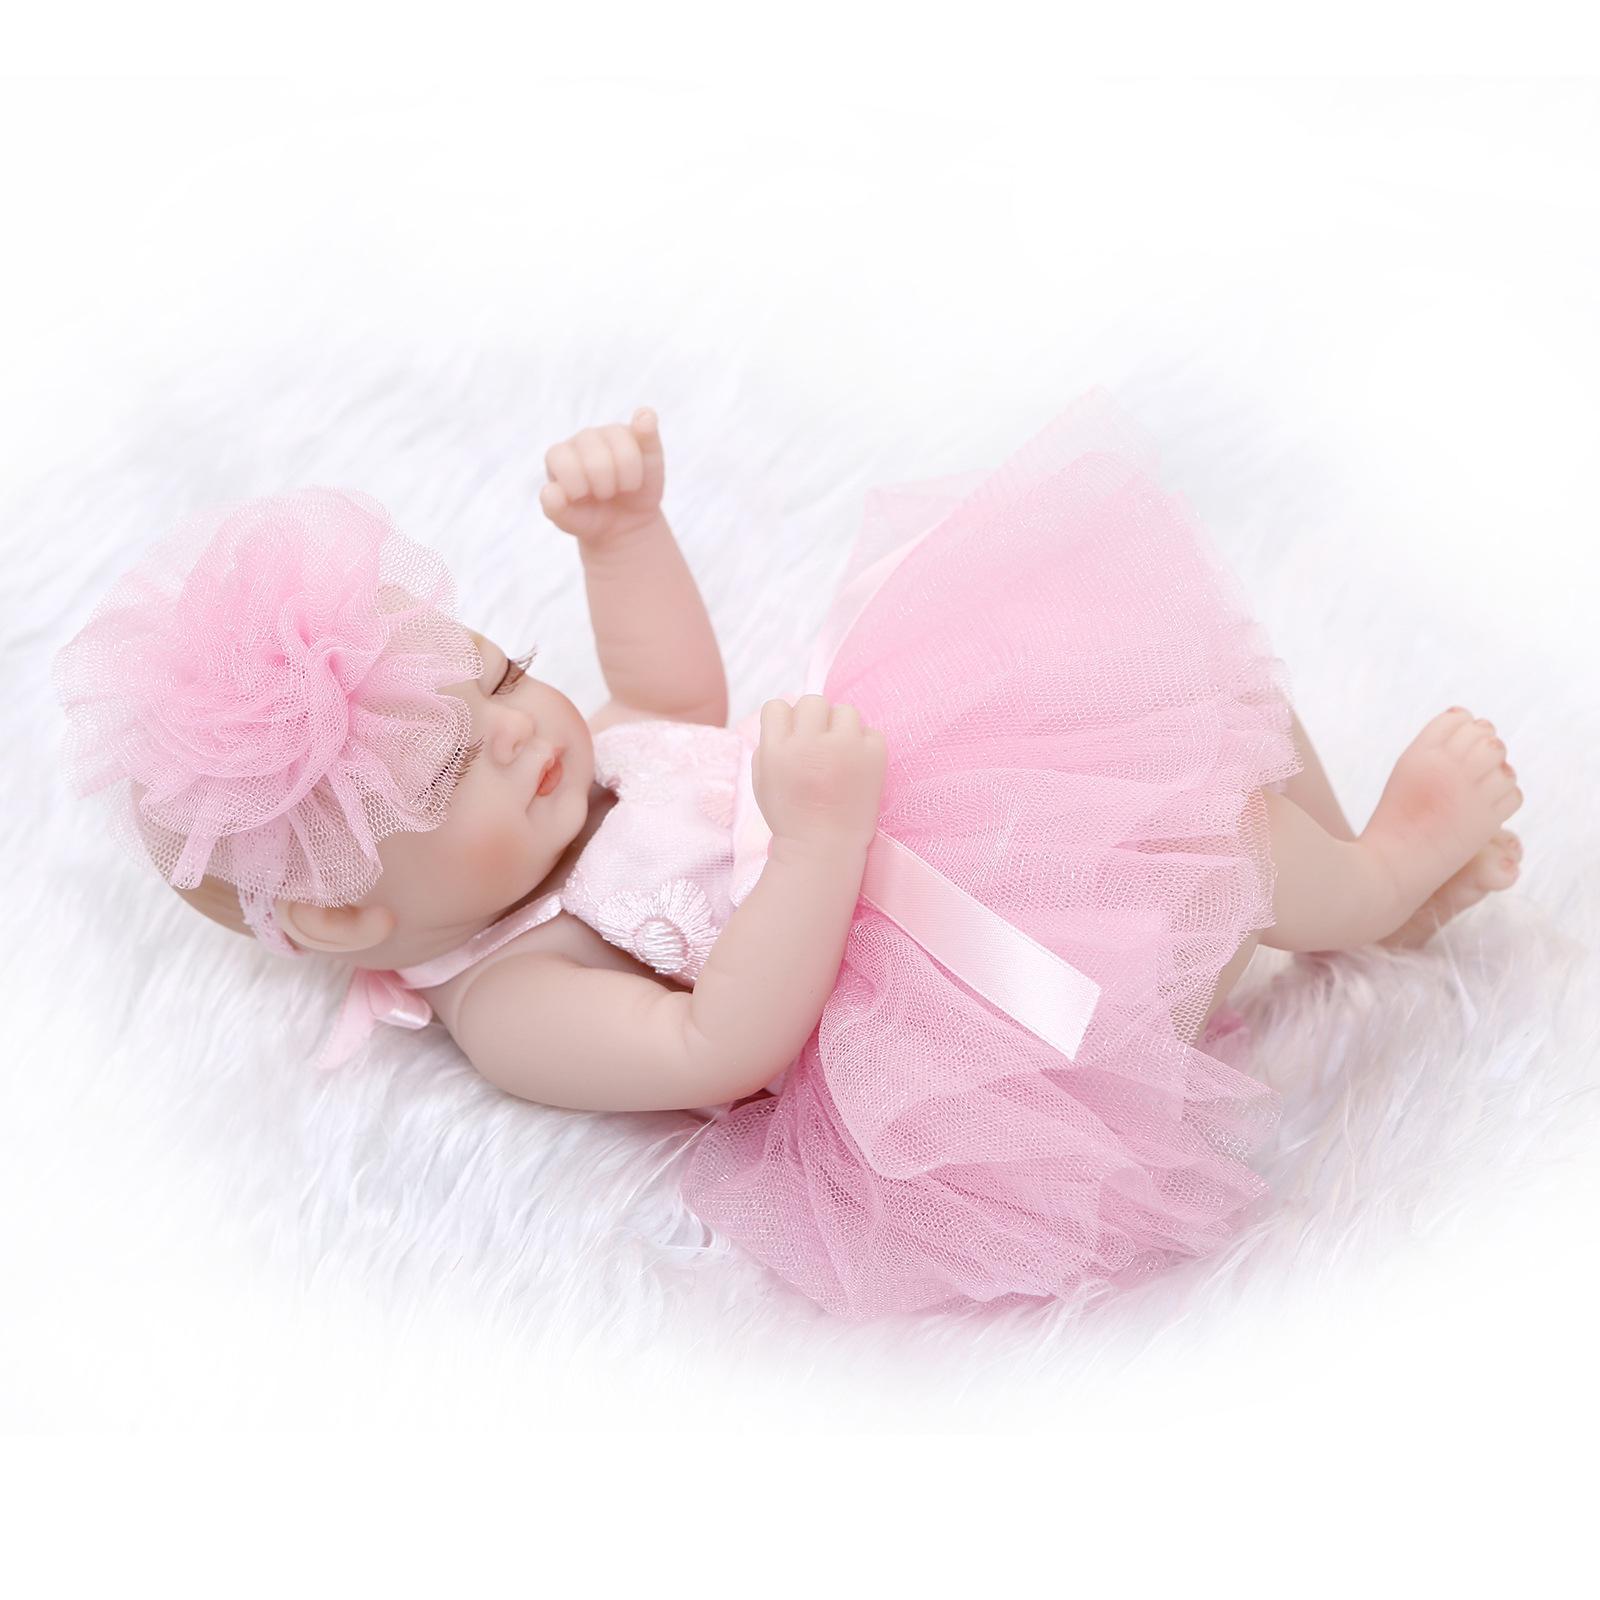 Новорожденных Baby Doll Мягкий клей Полный Rubber-водяная баня Мини куклы Горячие